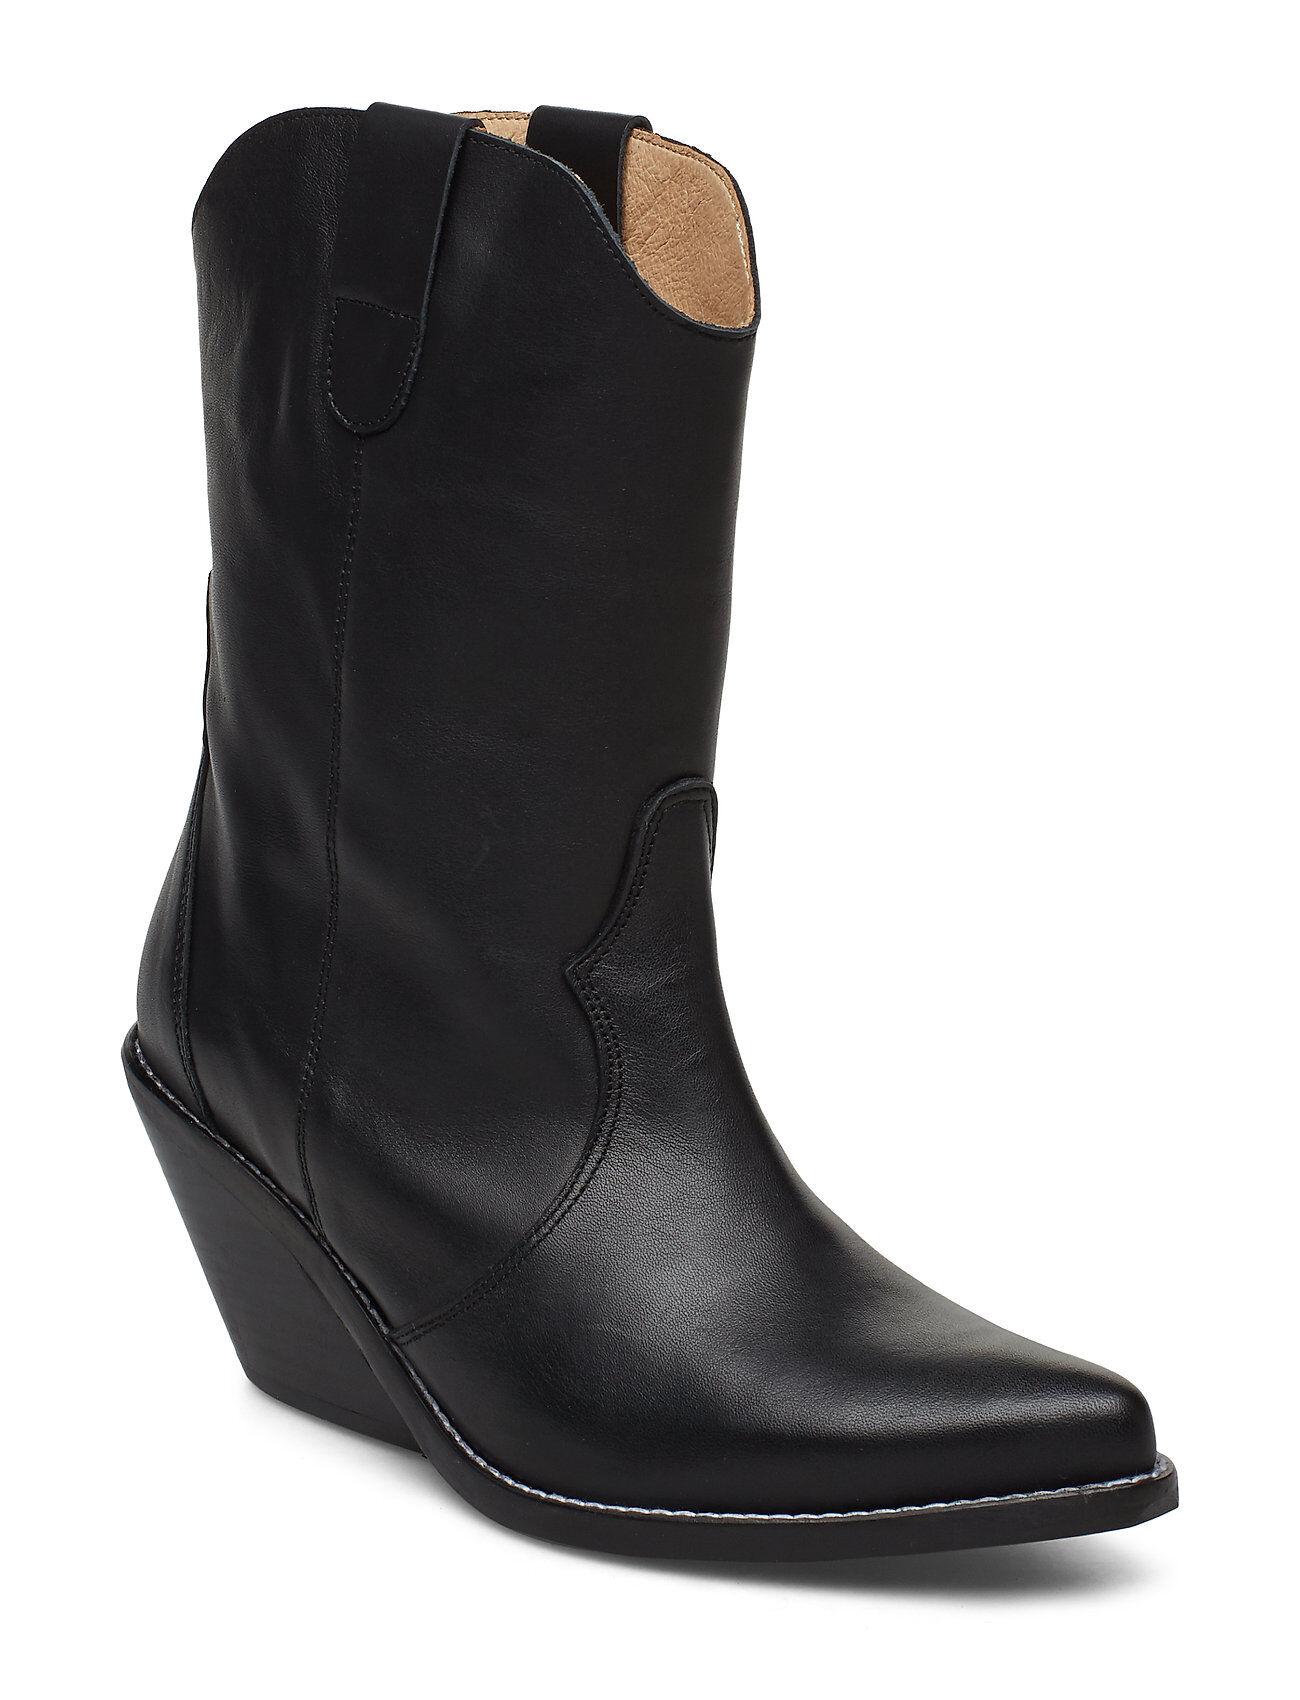 Henry Kole Livia Leather Black Shoes Boots Ankle Boots Ankle Boots With Heel Musta Henry Kole